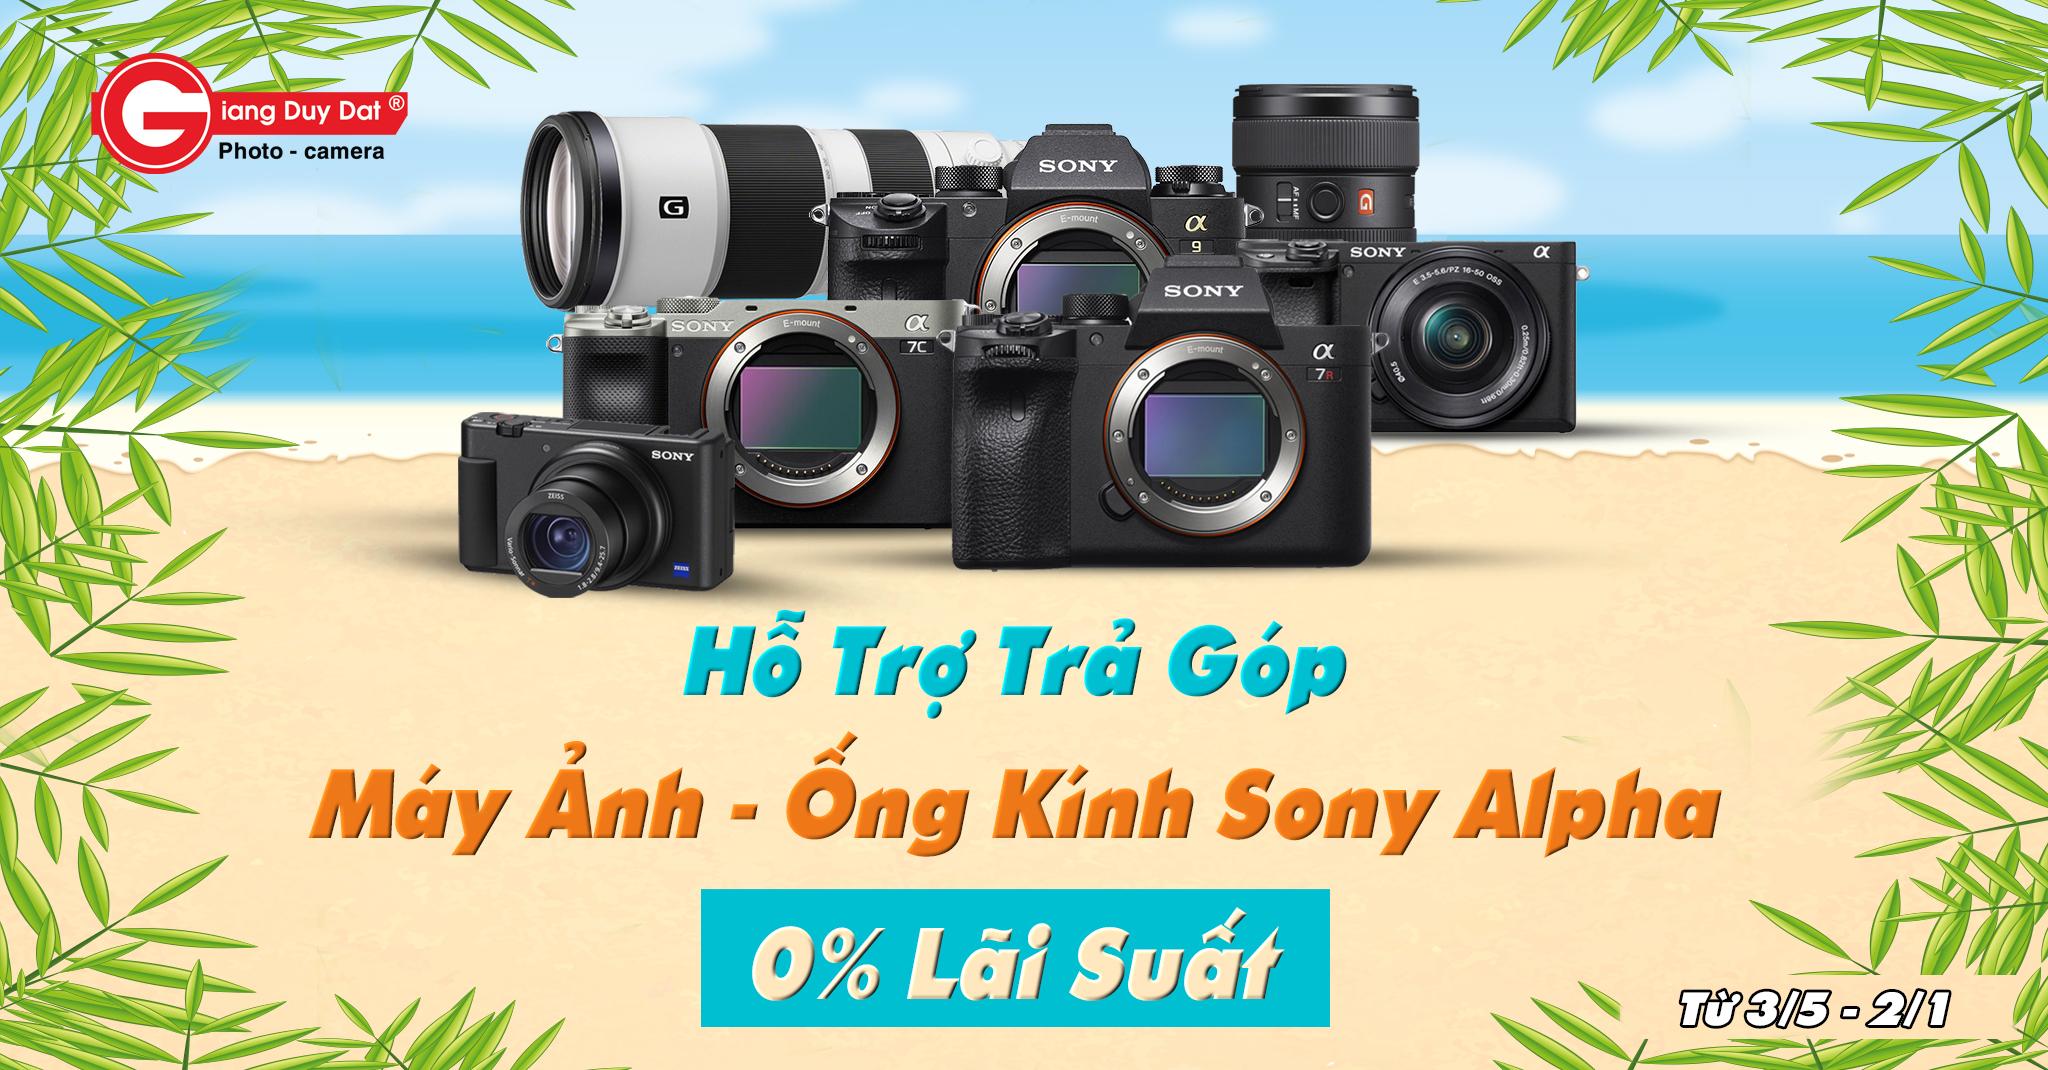 Trả góp máy ảnh - ống kính Sony Alpha